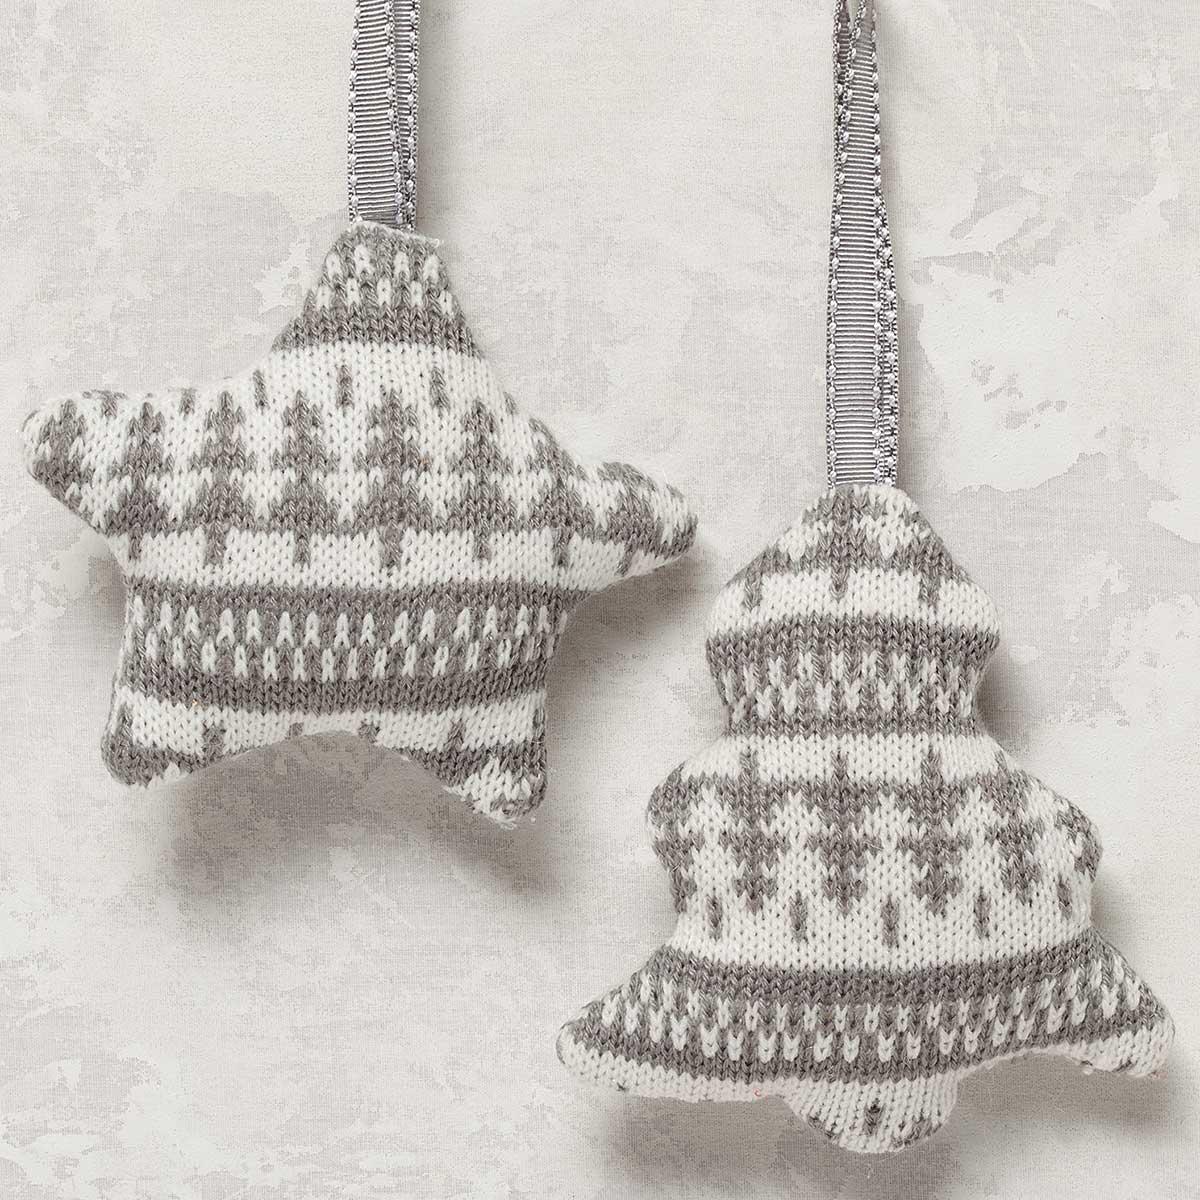 2 Piece Plush Knit Ornament Set